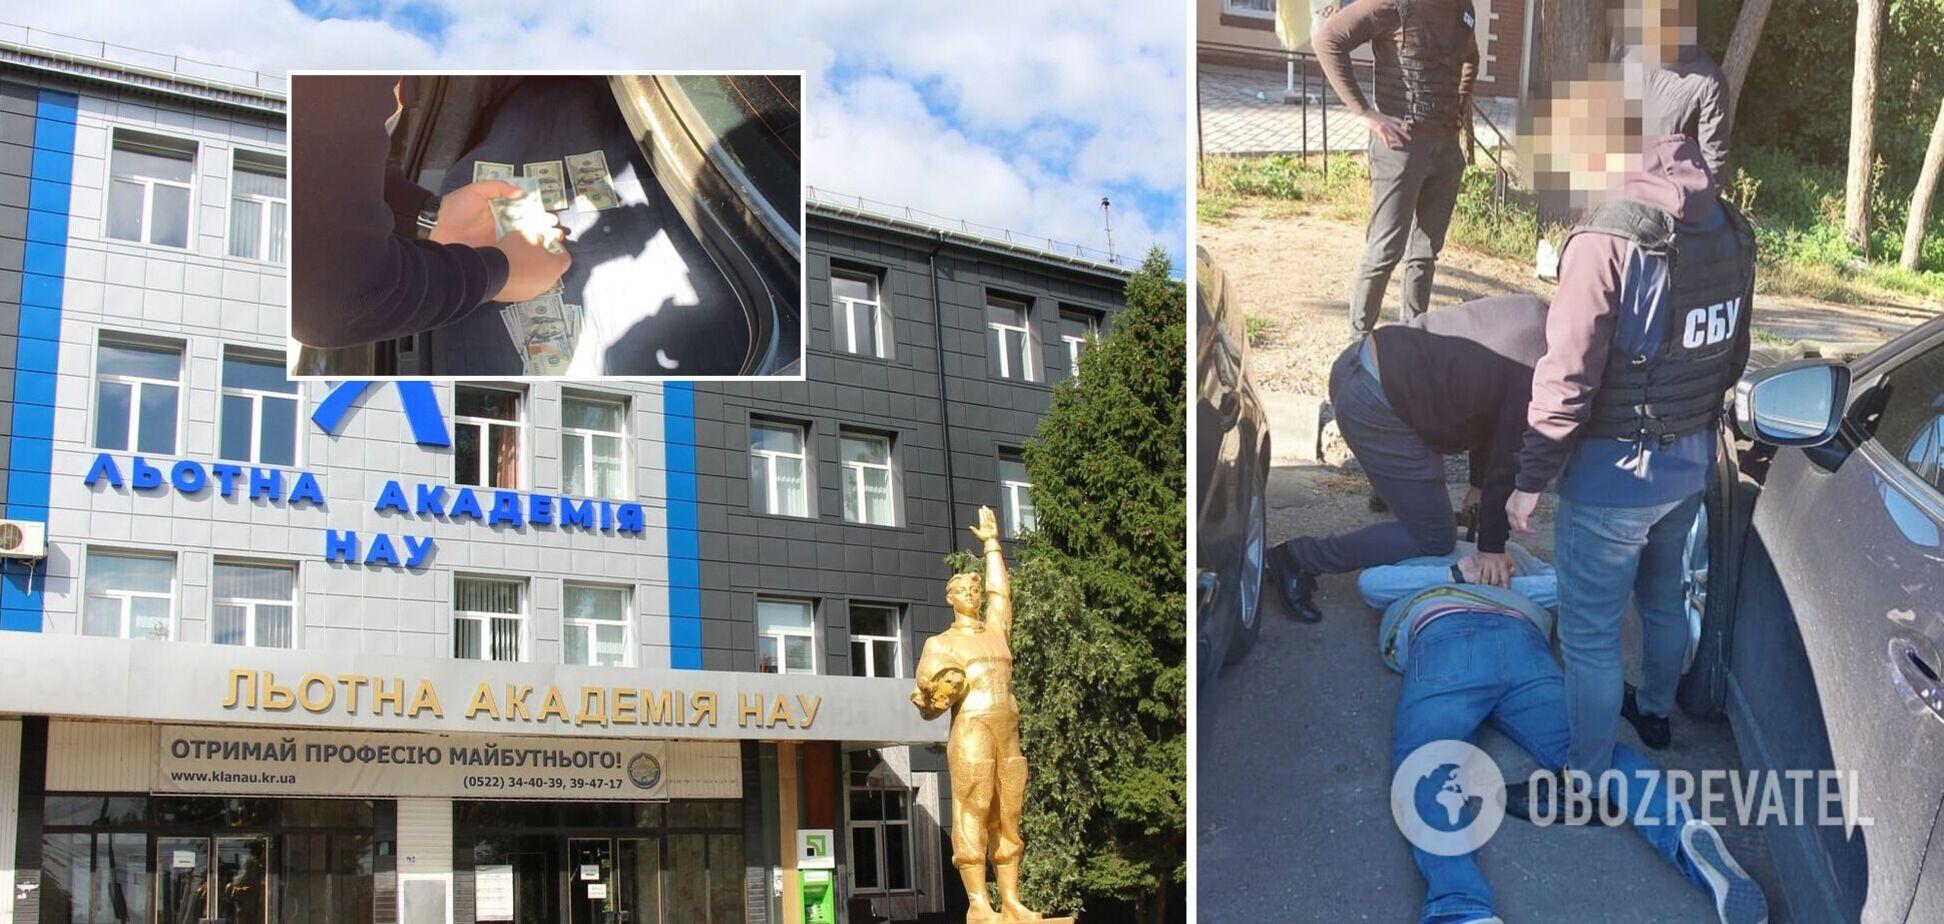 Начальника Летной академии НАУ поймали на взятке. Фото, видео и все подробности